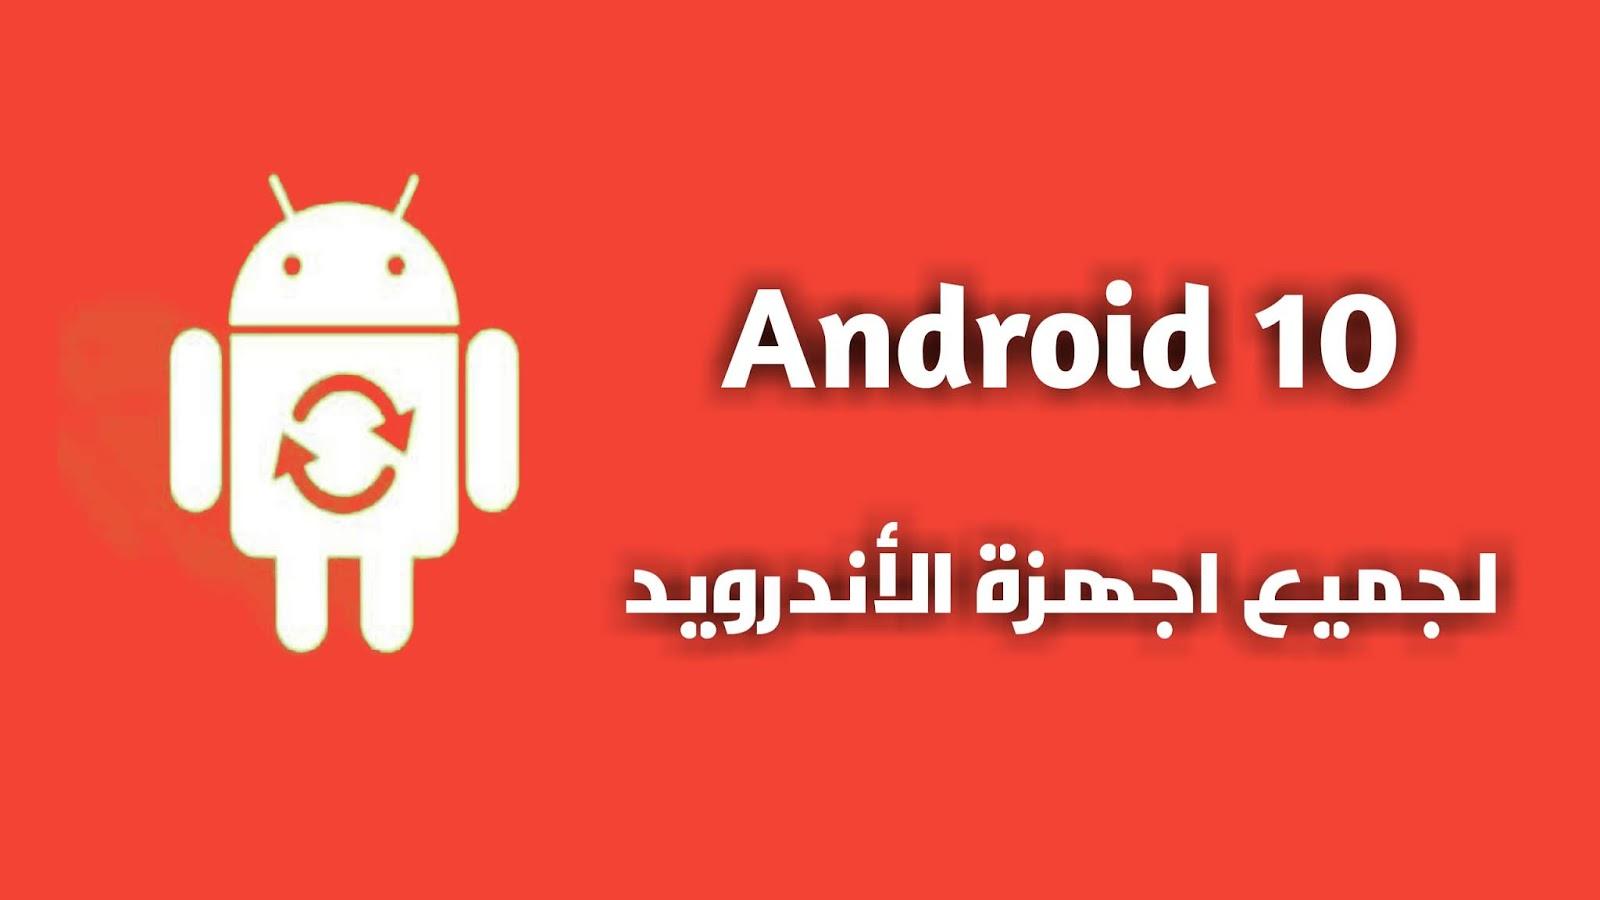 واجهة اندرويد Android 10  لجميع الهواتف  جرب بنفسك